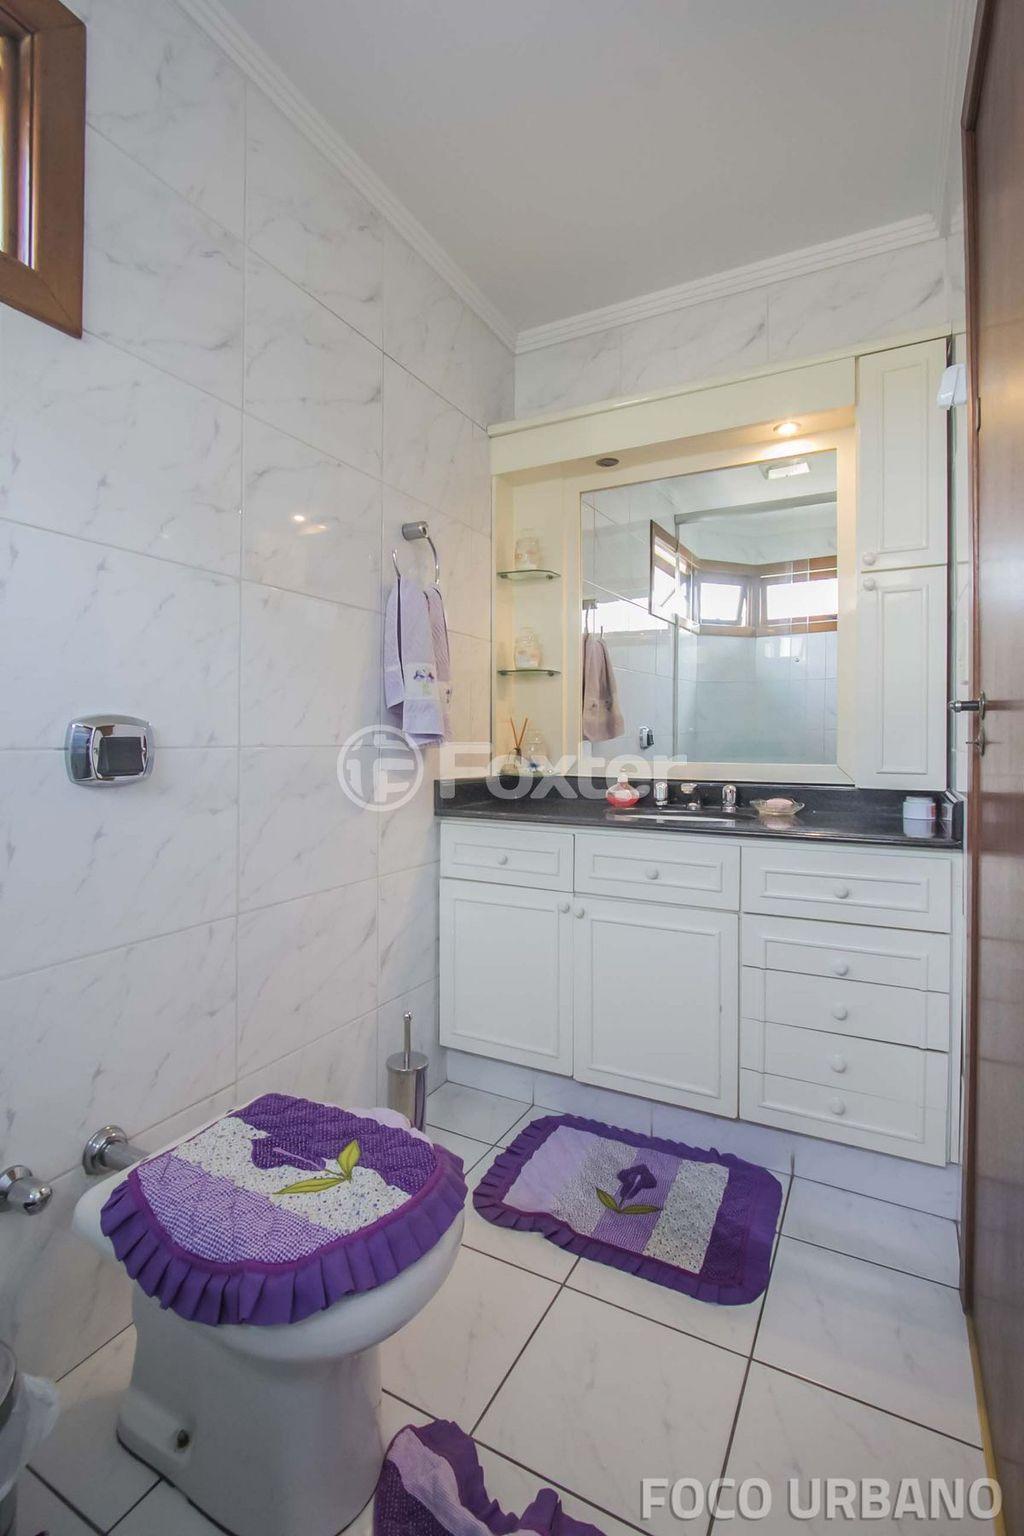 Foxter Imobiliária - Cobertura 3 Dorm (131617) - Foto 21